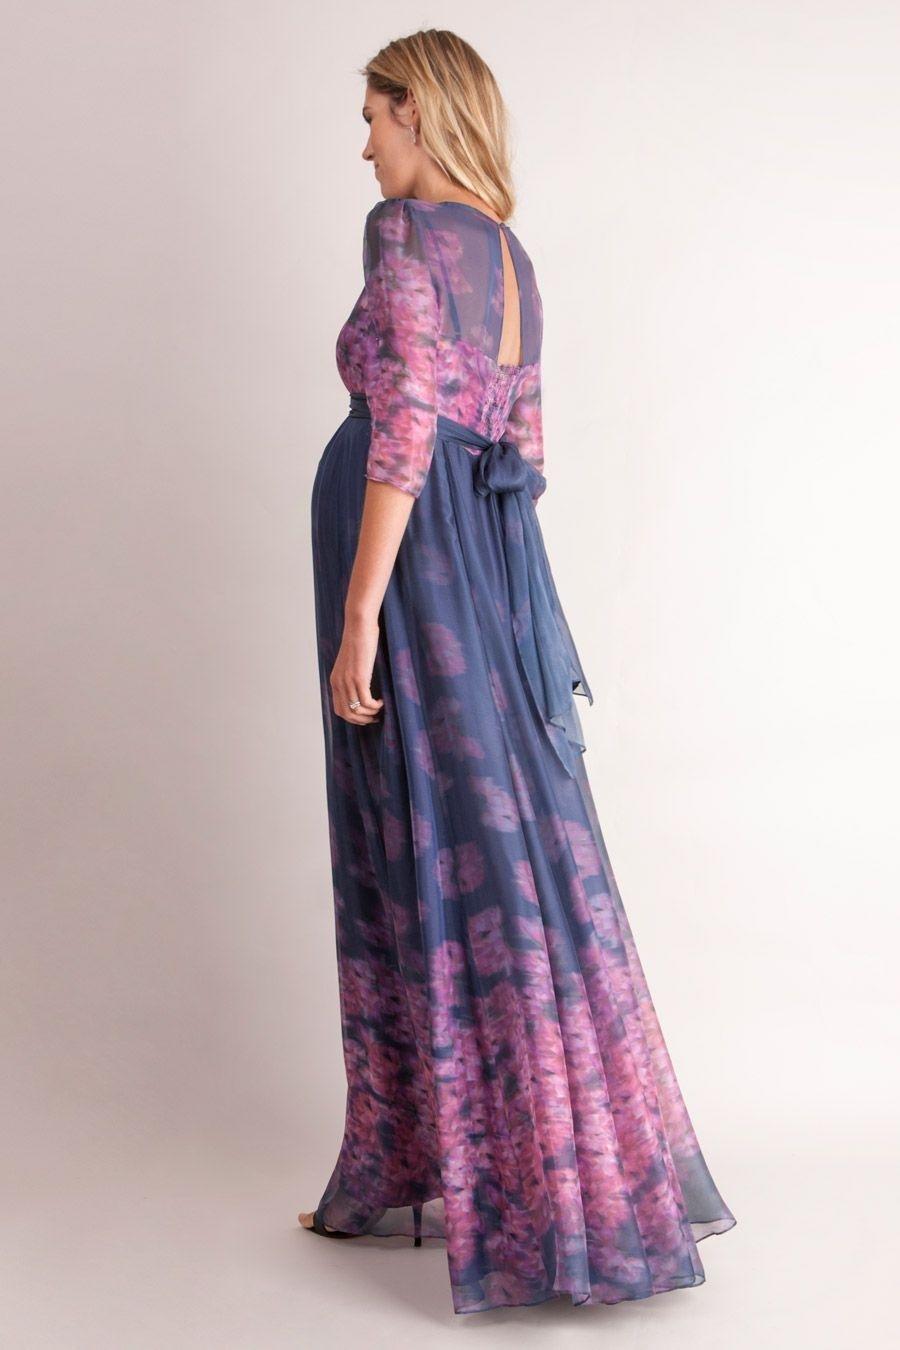 Designer Luxurius Kleid Lang Festlich SpezialgebietDesigner Spektakulär Kleid Lang Festlich Boutique